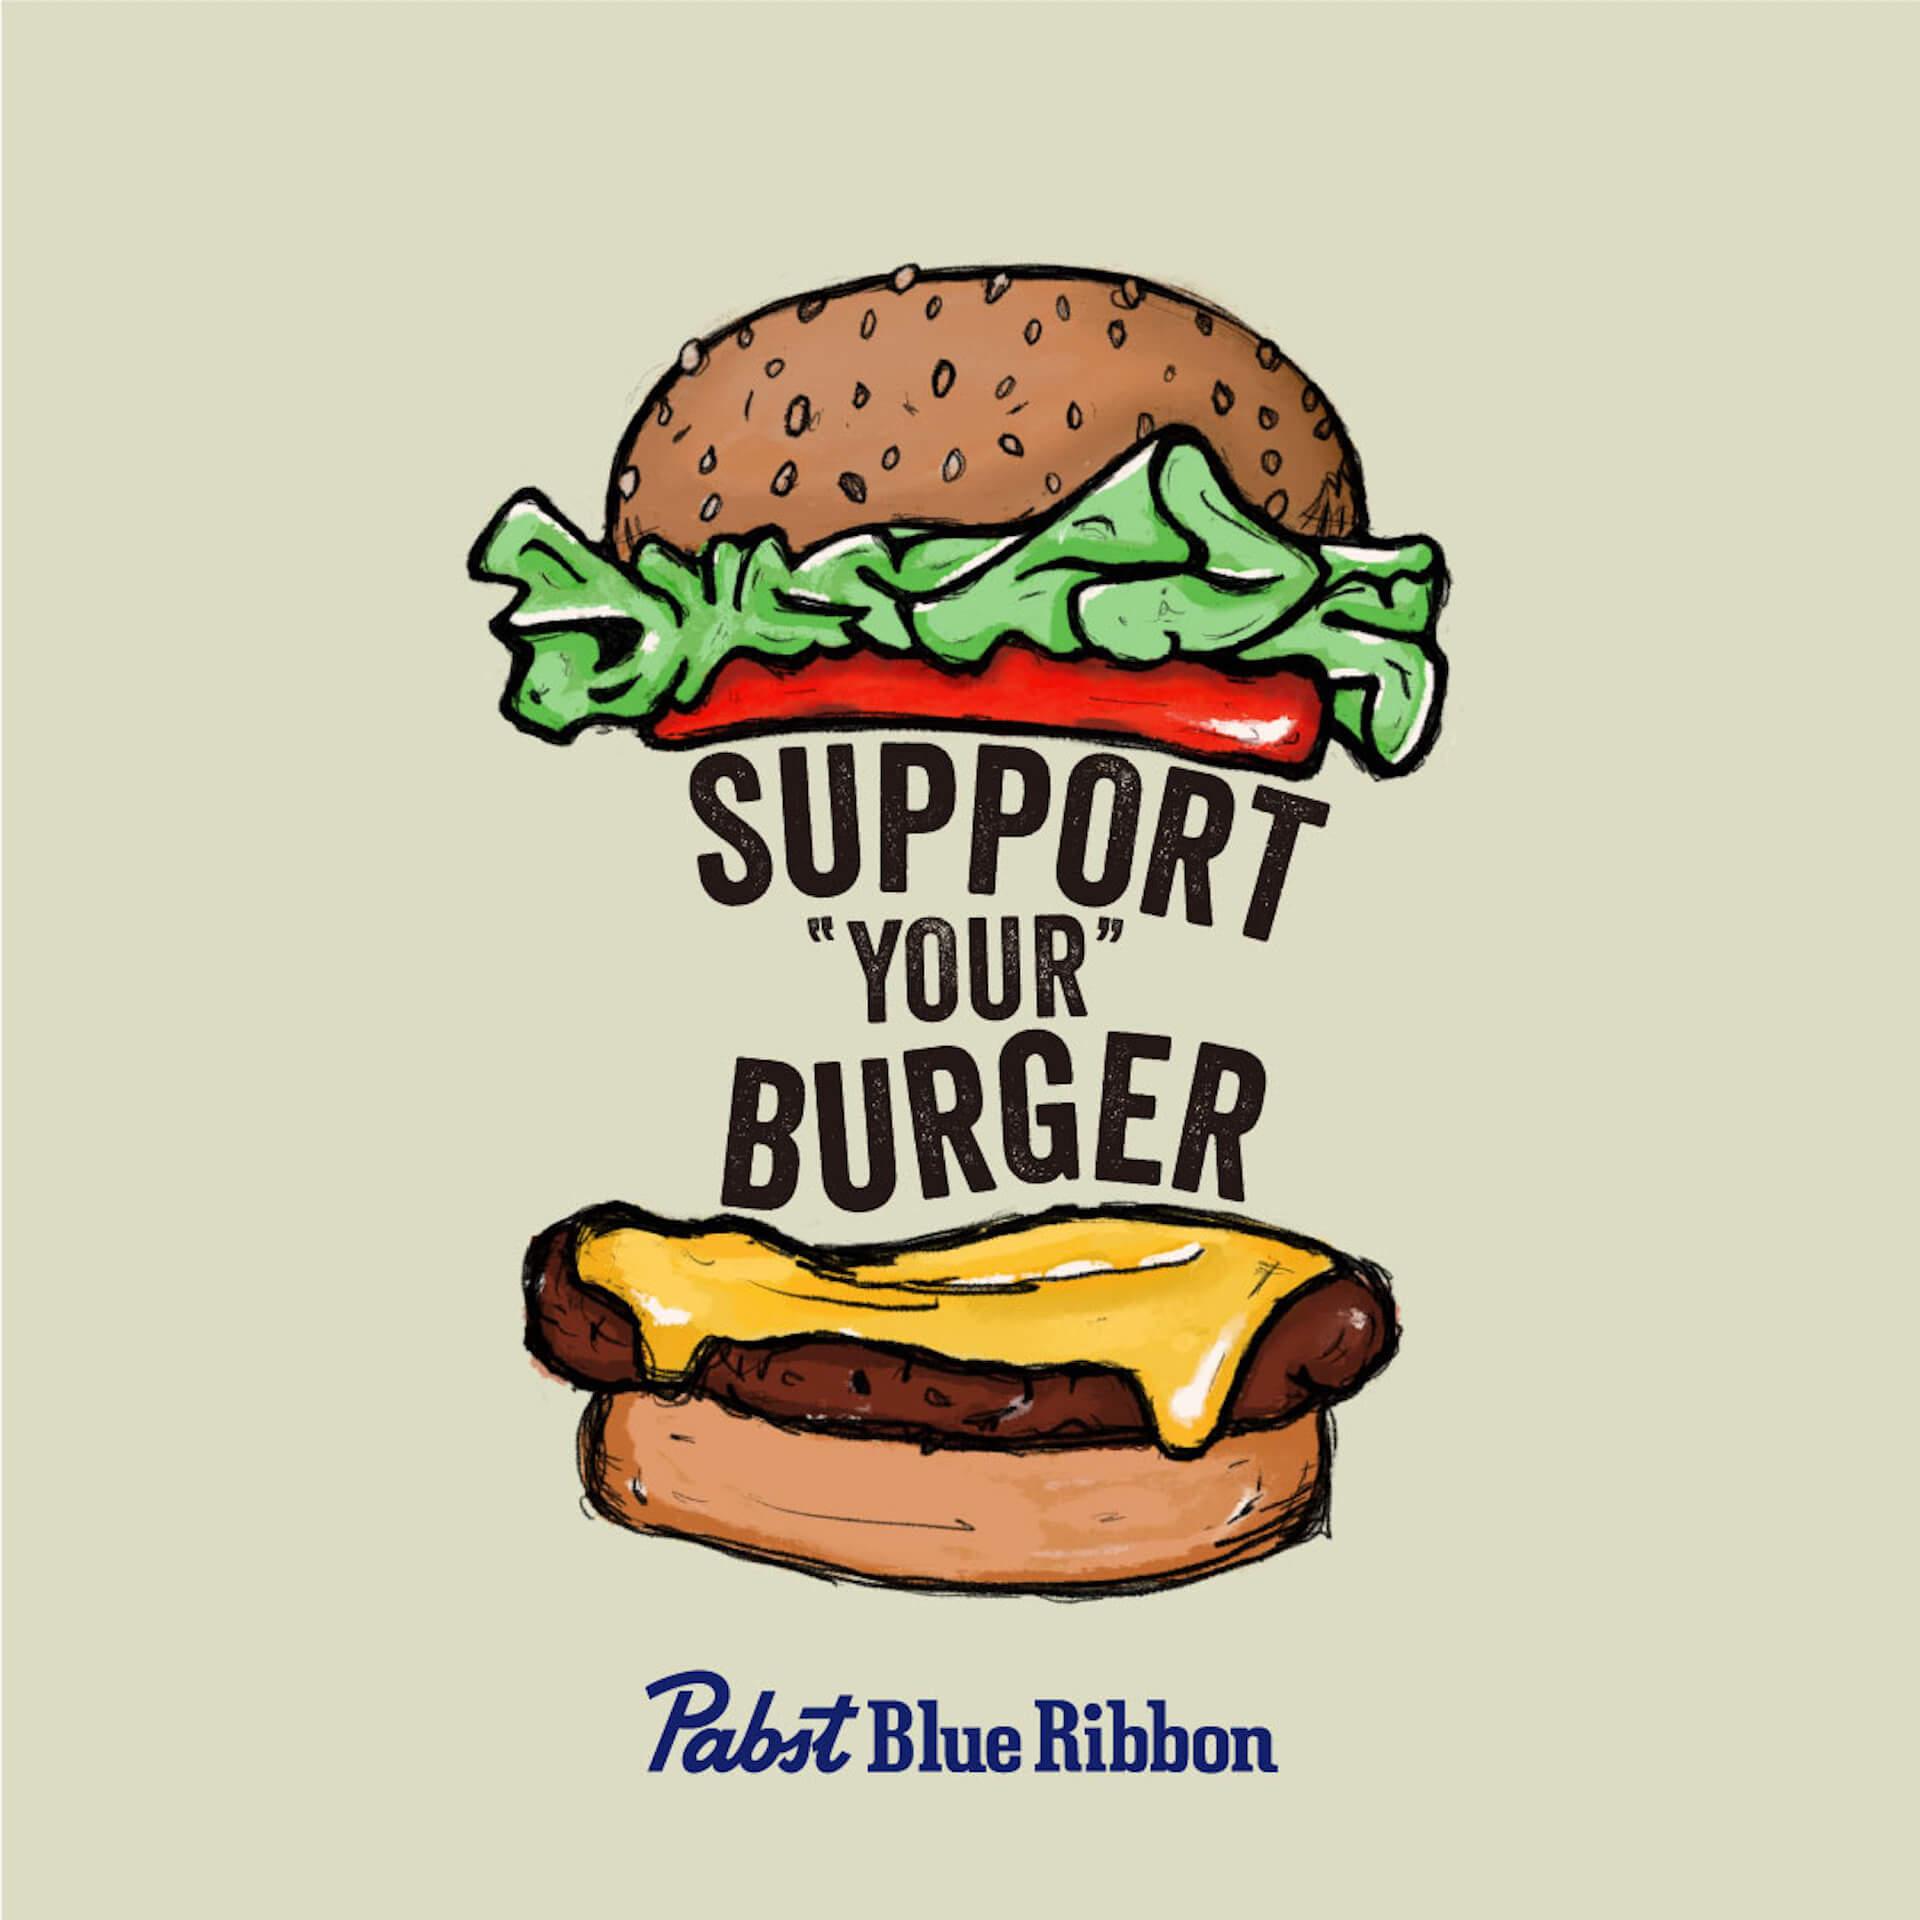 大好きなあのお店を支援しよう!PABST BLUE RIBBONがバー業界・ハンバーガー業界を支援するクラウドファンディングプロジェクトを始動 gourmet200515_supportyour_04